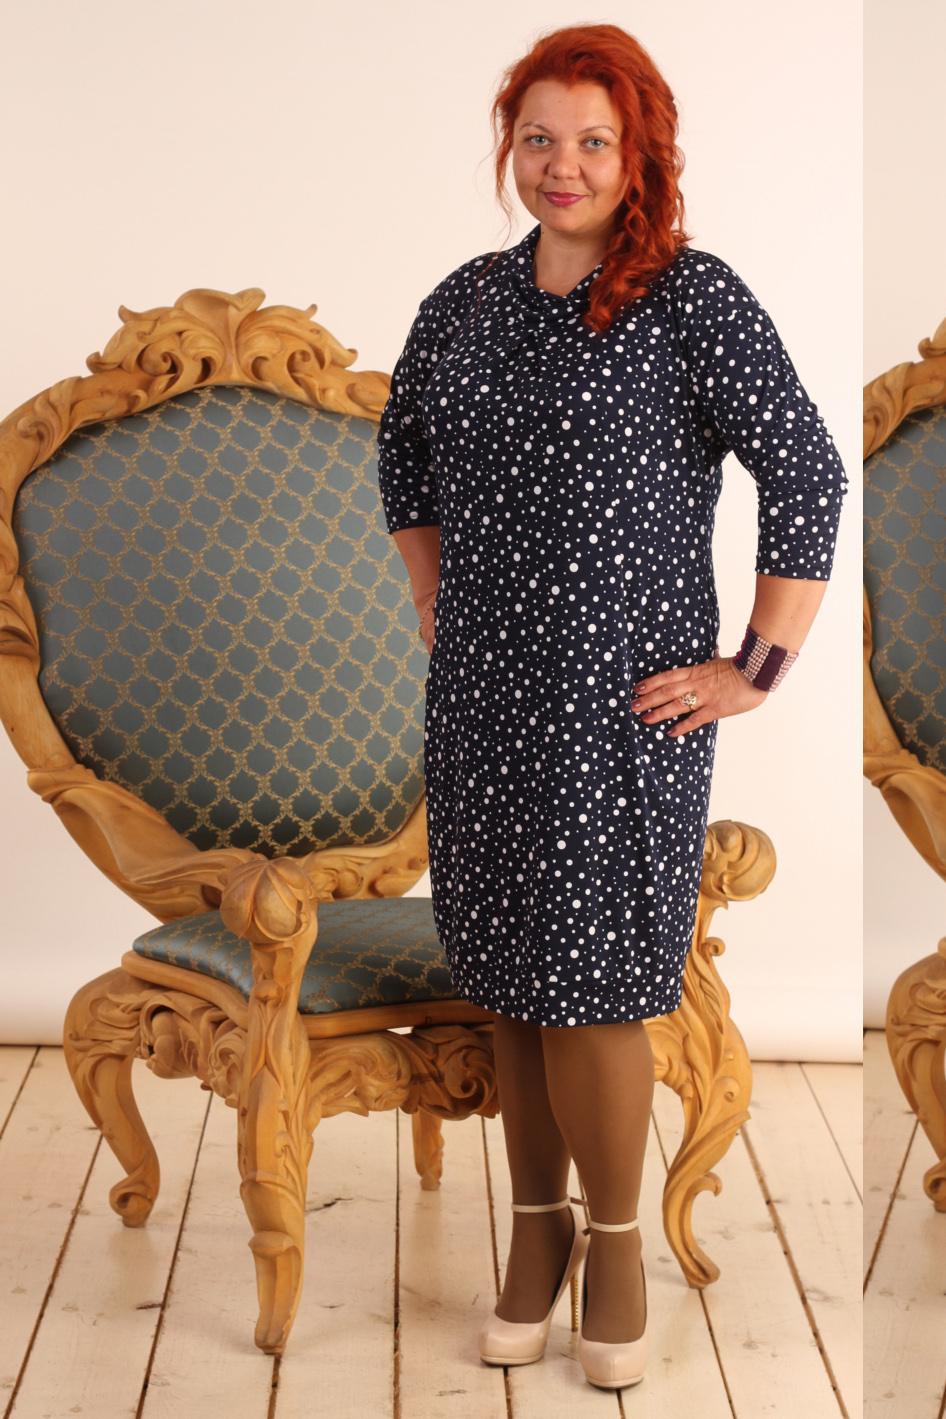 ПлатьеПлатья<br>Милое женское платье с интересным воротником и рукавами 3/4. Модель выполнена из приятного трикотажа. Отличный выбор для повседневного гардероба.  В изделии использованы цвета: темно-синий, белый  Длина изделия: 44 размер - 94 см 46 размер - 95 см 48 размер - 96 см 50 размер - 97 см 52 размер - 98 см 54 размер - 99 см 56 размер - 100 см 58 размер - 101 см  Рост девушки-фотомодели 165 см<br><br>Воротник: Хомут<br>По длине: Ниже колена<br>По материалу: Вискоза,Трикотаж<br>По рисунку: В горошек,С принтом,Цветные<br>По силуэту: Свободные<br>По стилю: Повседневный стиль<br>По форме: Платье - баллон<br>По элементам: С карманами<br>Рукав: Рукав три четверти<br>По сезону: Осень,Весна,Зима<br>Размер : 48<br>Материал: Холодное масло<br>Количество в наличии: 1